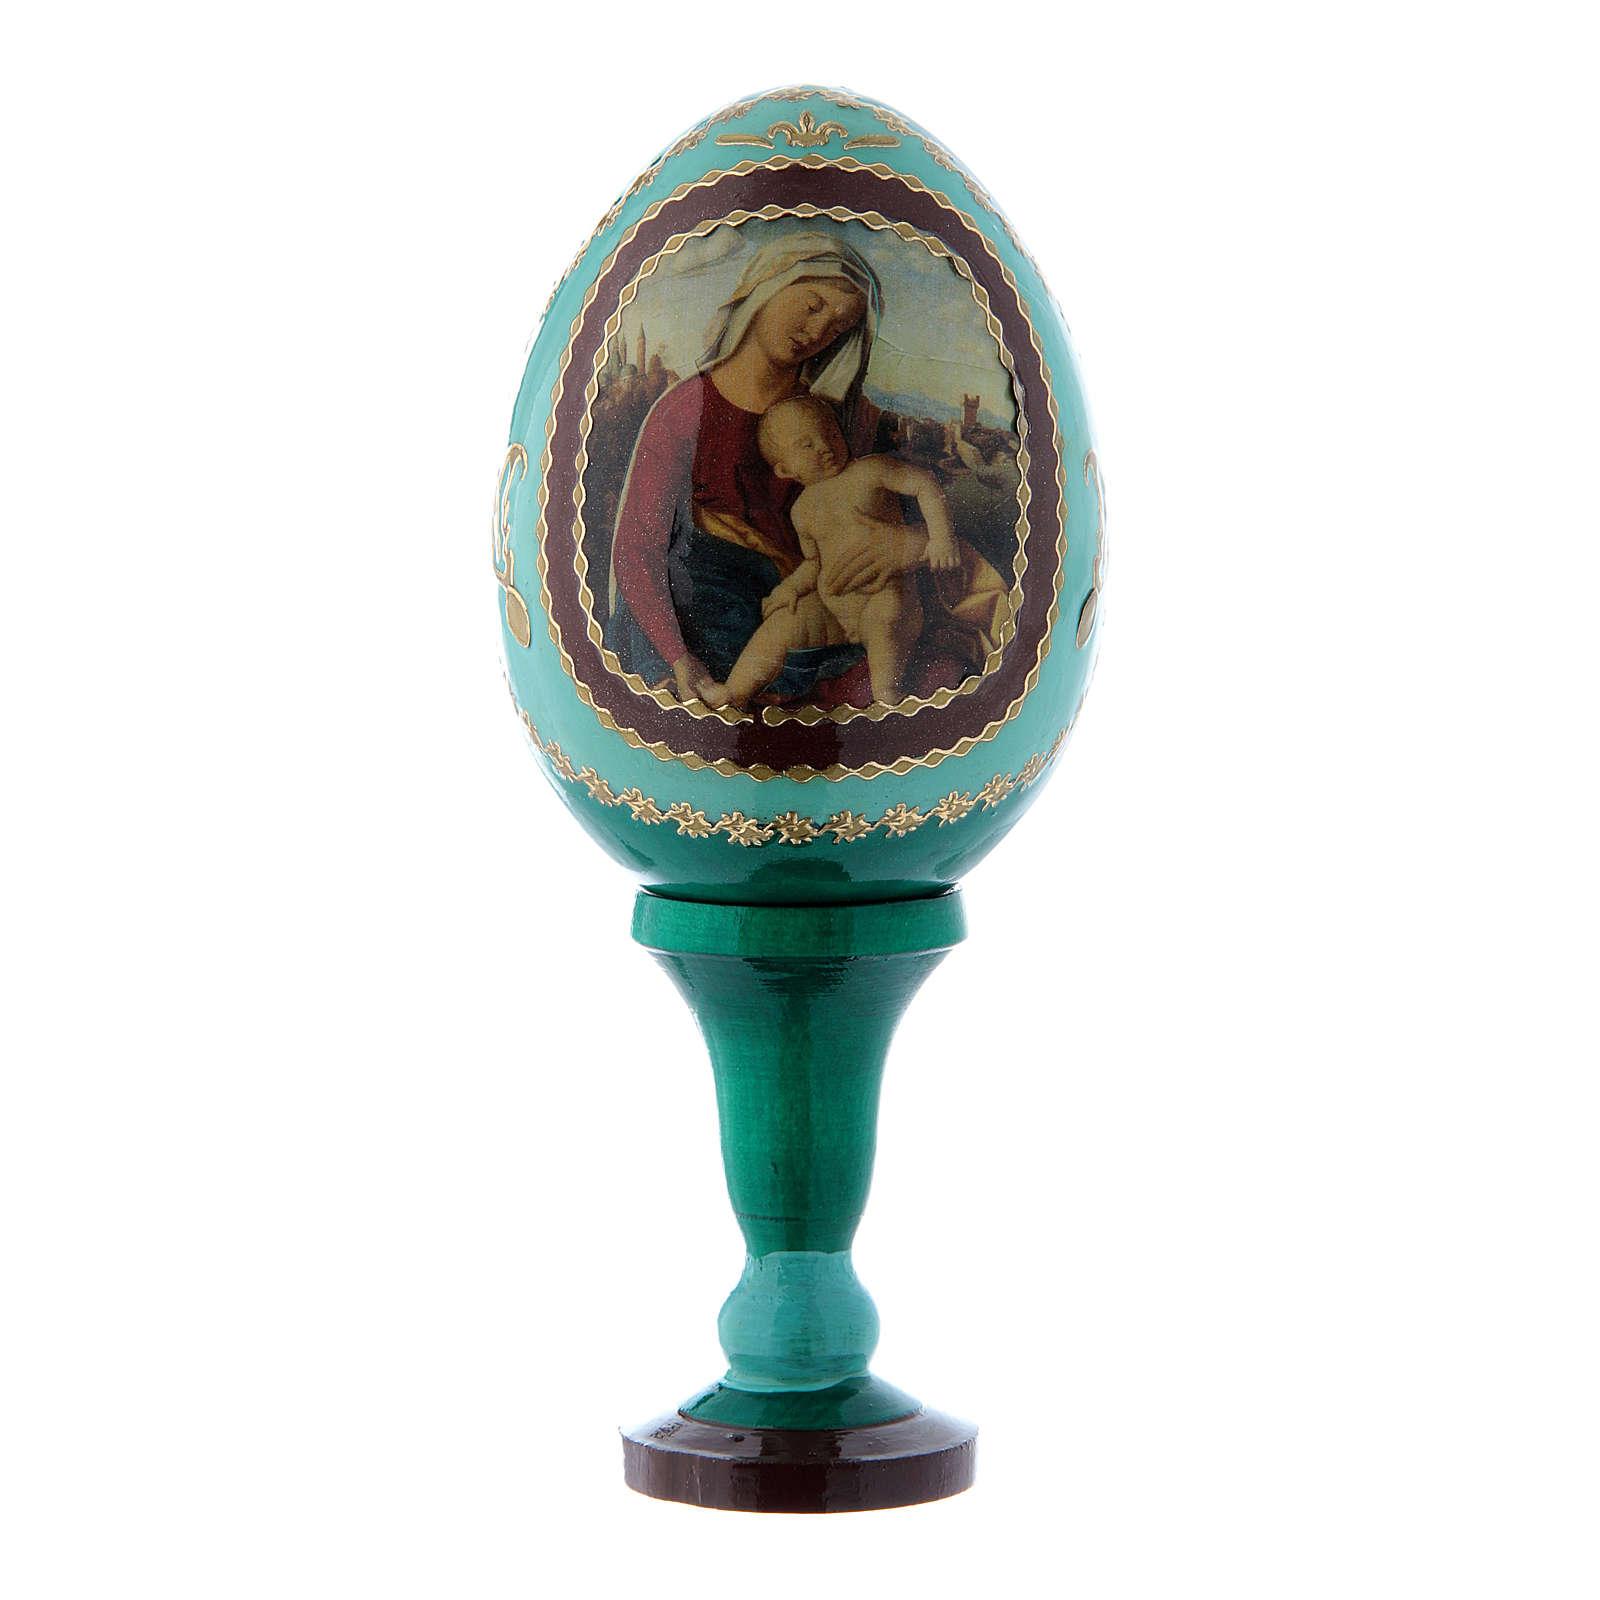 Uovo russo Madonna con Bambino verde découpage decorato a mano h tot 13 cm 4